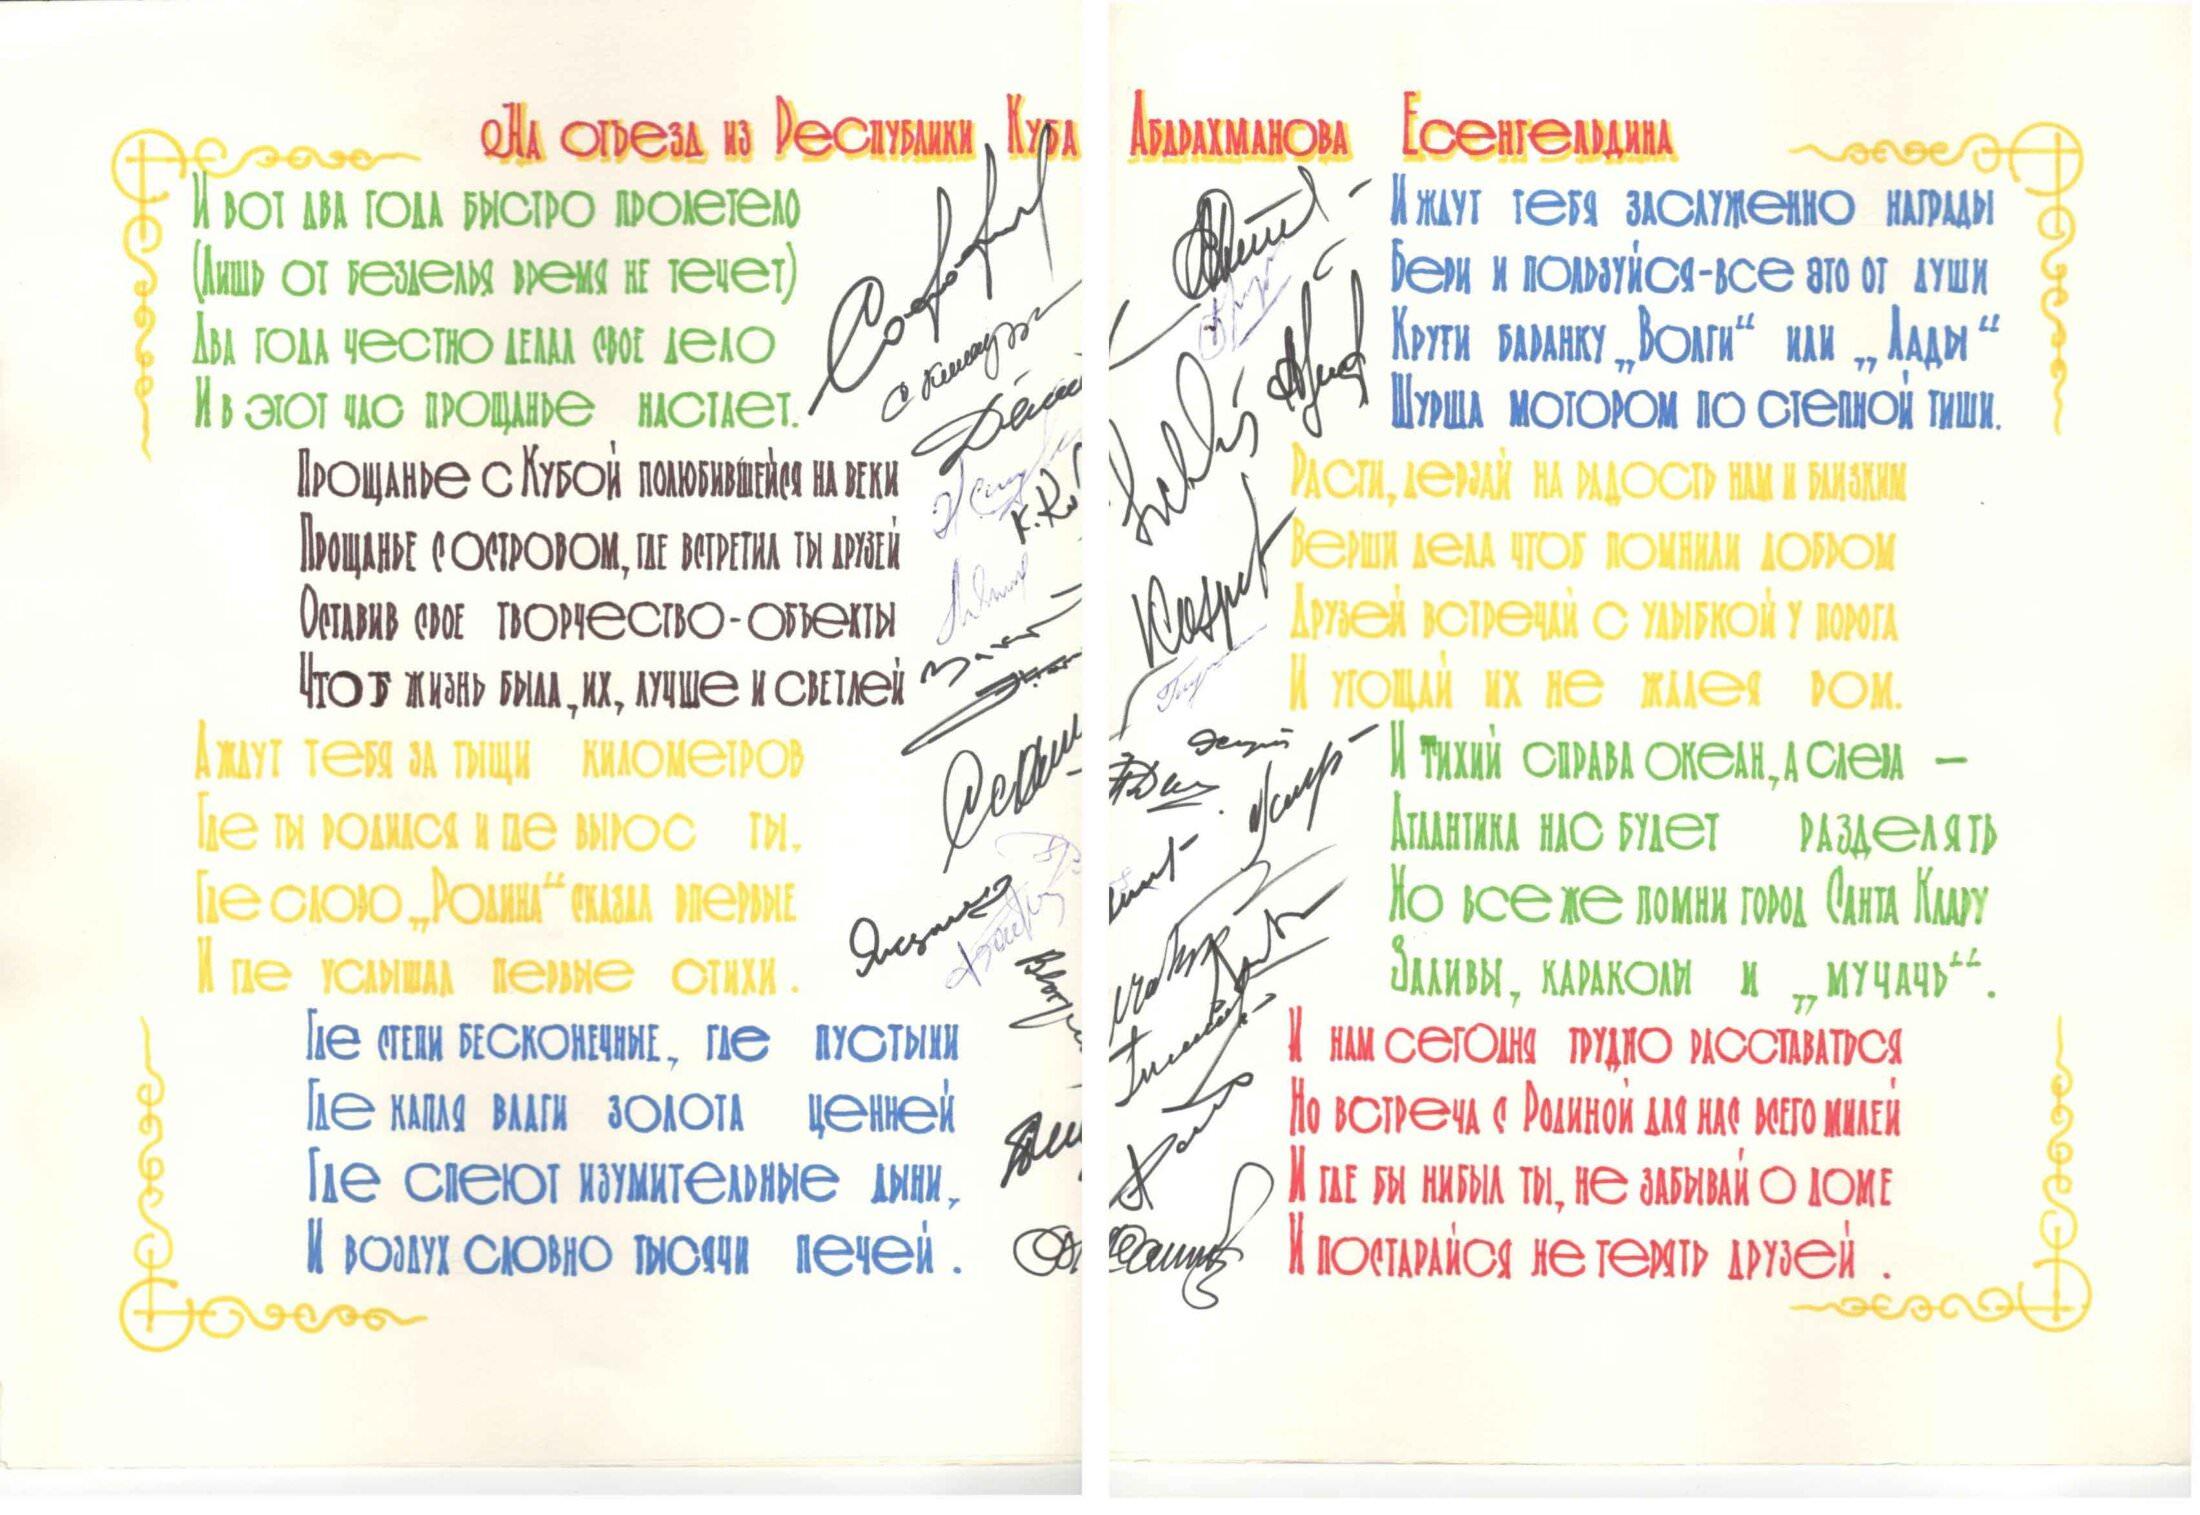 1978. Адрес на прощание с подписями всех членов группы.